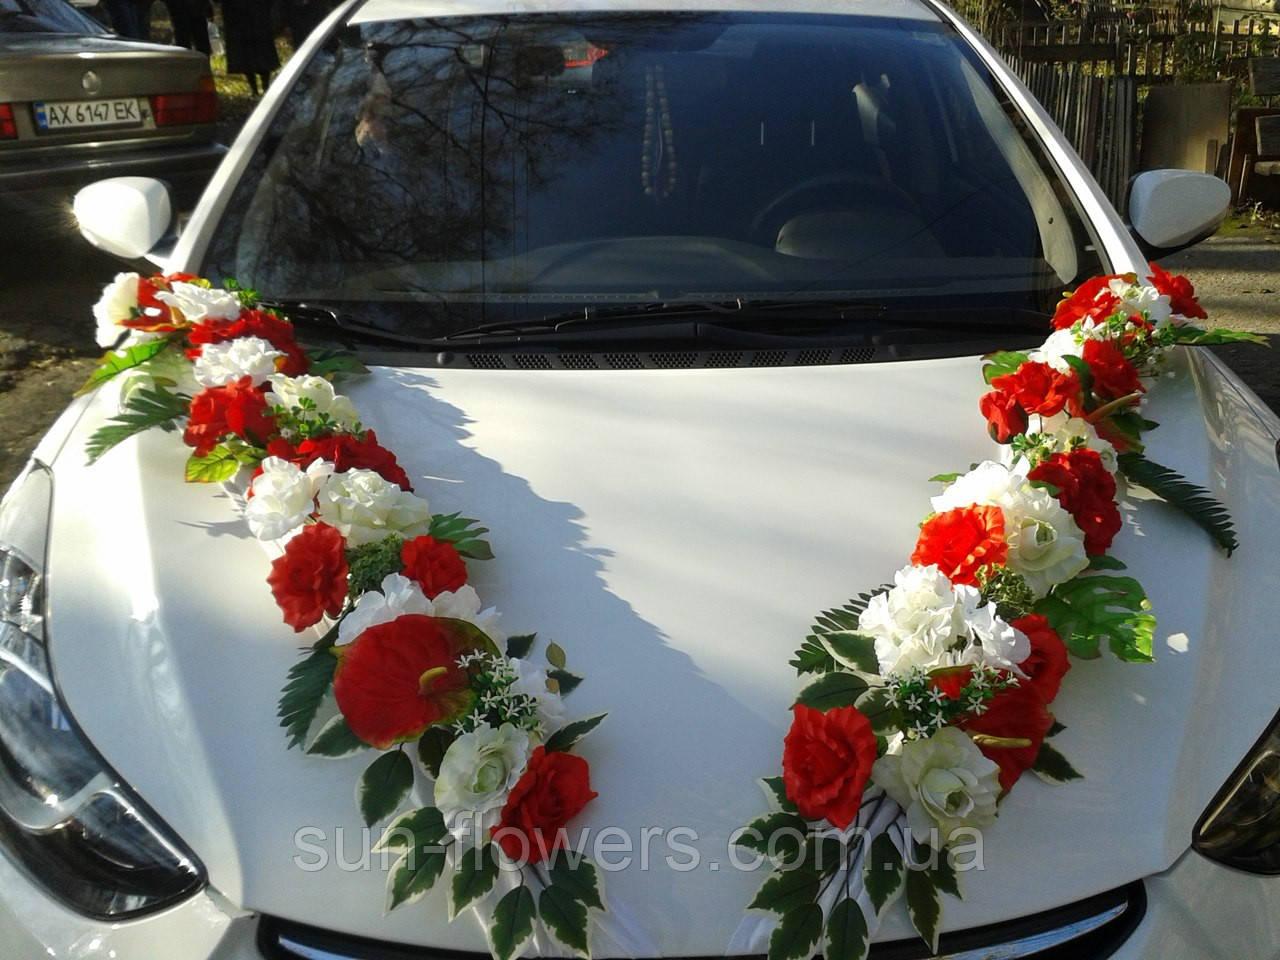 Прокат украшение на машину из красно-белых цветов(искусственные)